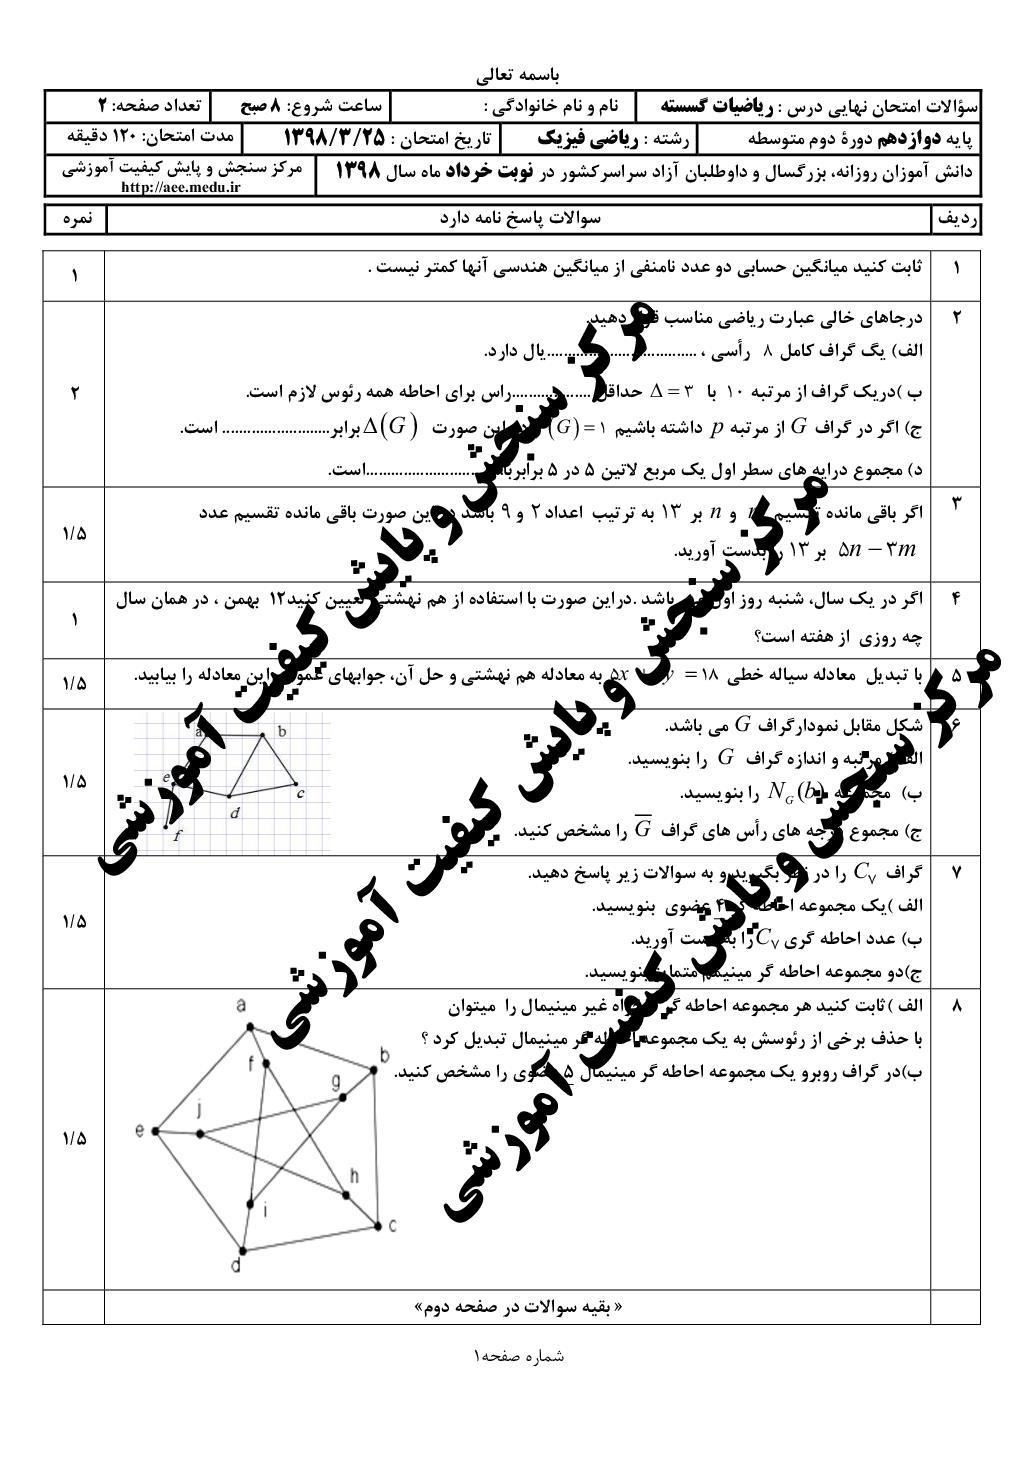 امتحان نهایی ریاضیات گسسته - خرداد 98 (PDF)